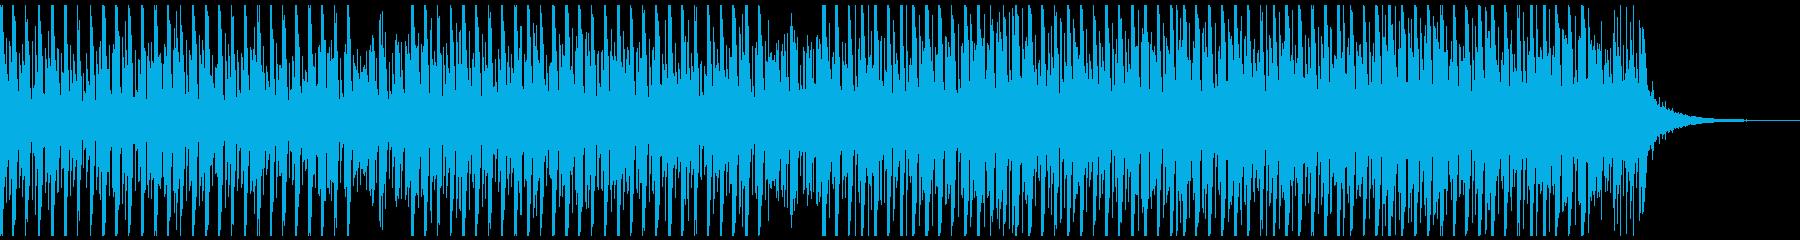 サンシャイン(ショート)の再生済みの波形